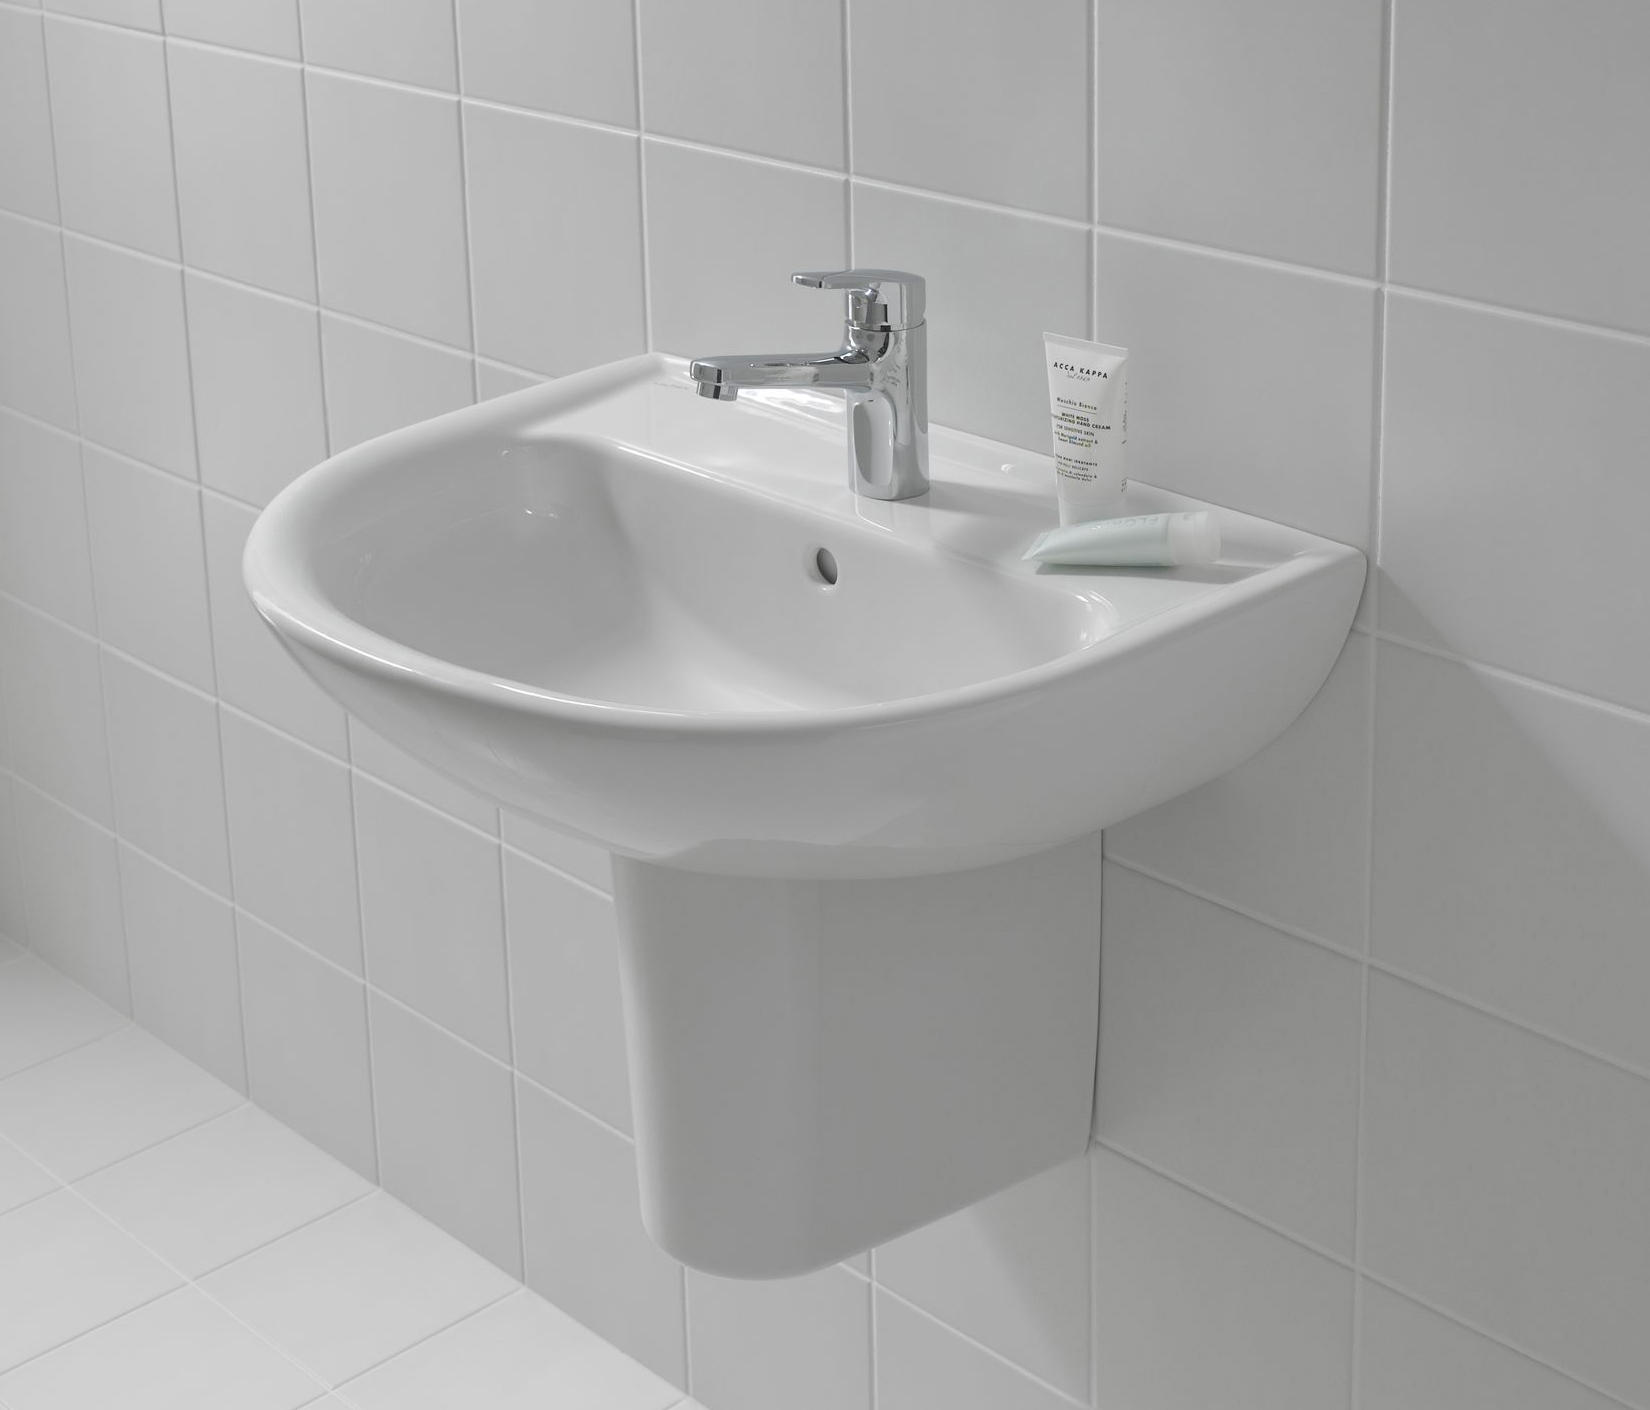 laufen pro b washbasin lavabi lavandini laufen architonic. Black Bedroom Furniture Sets. Home Design Ideas